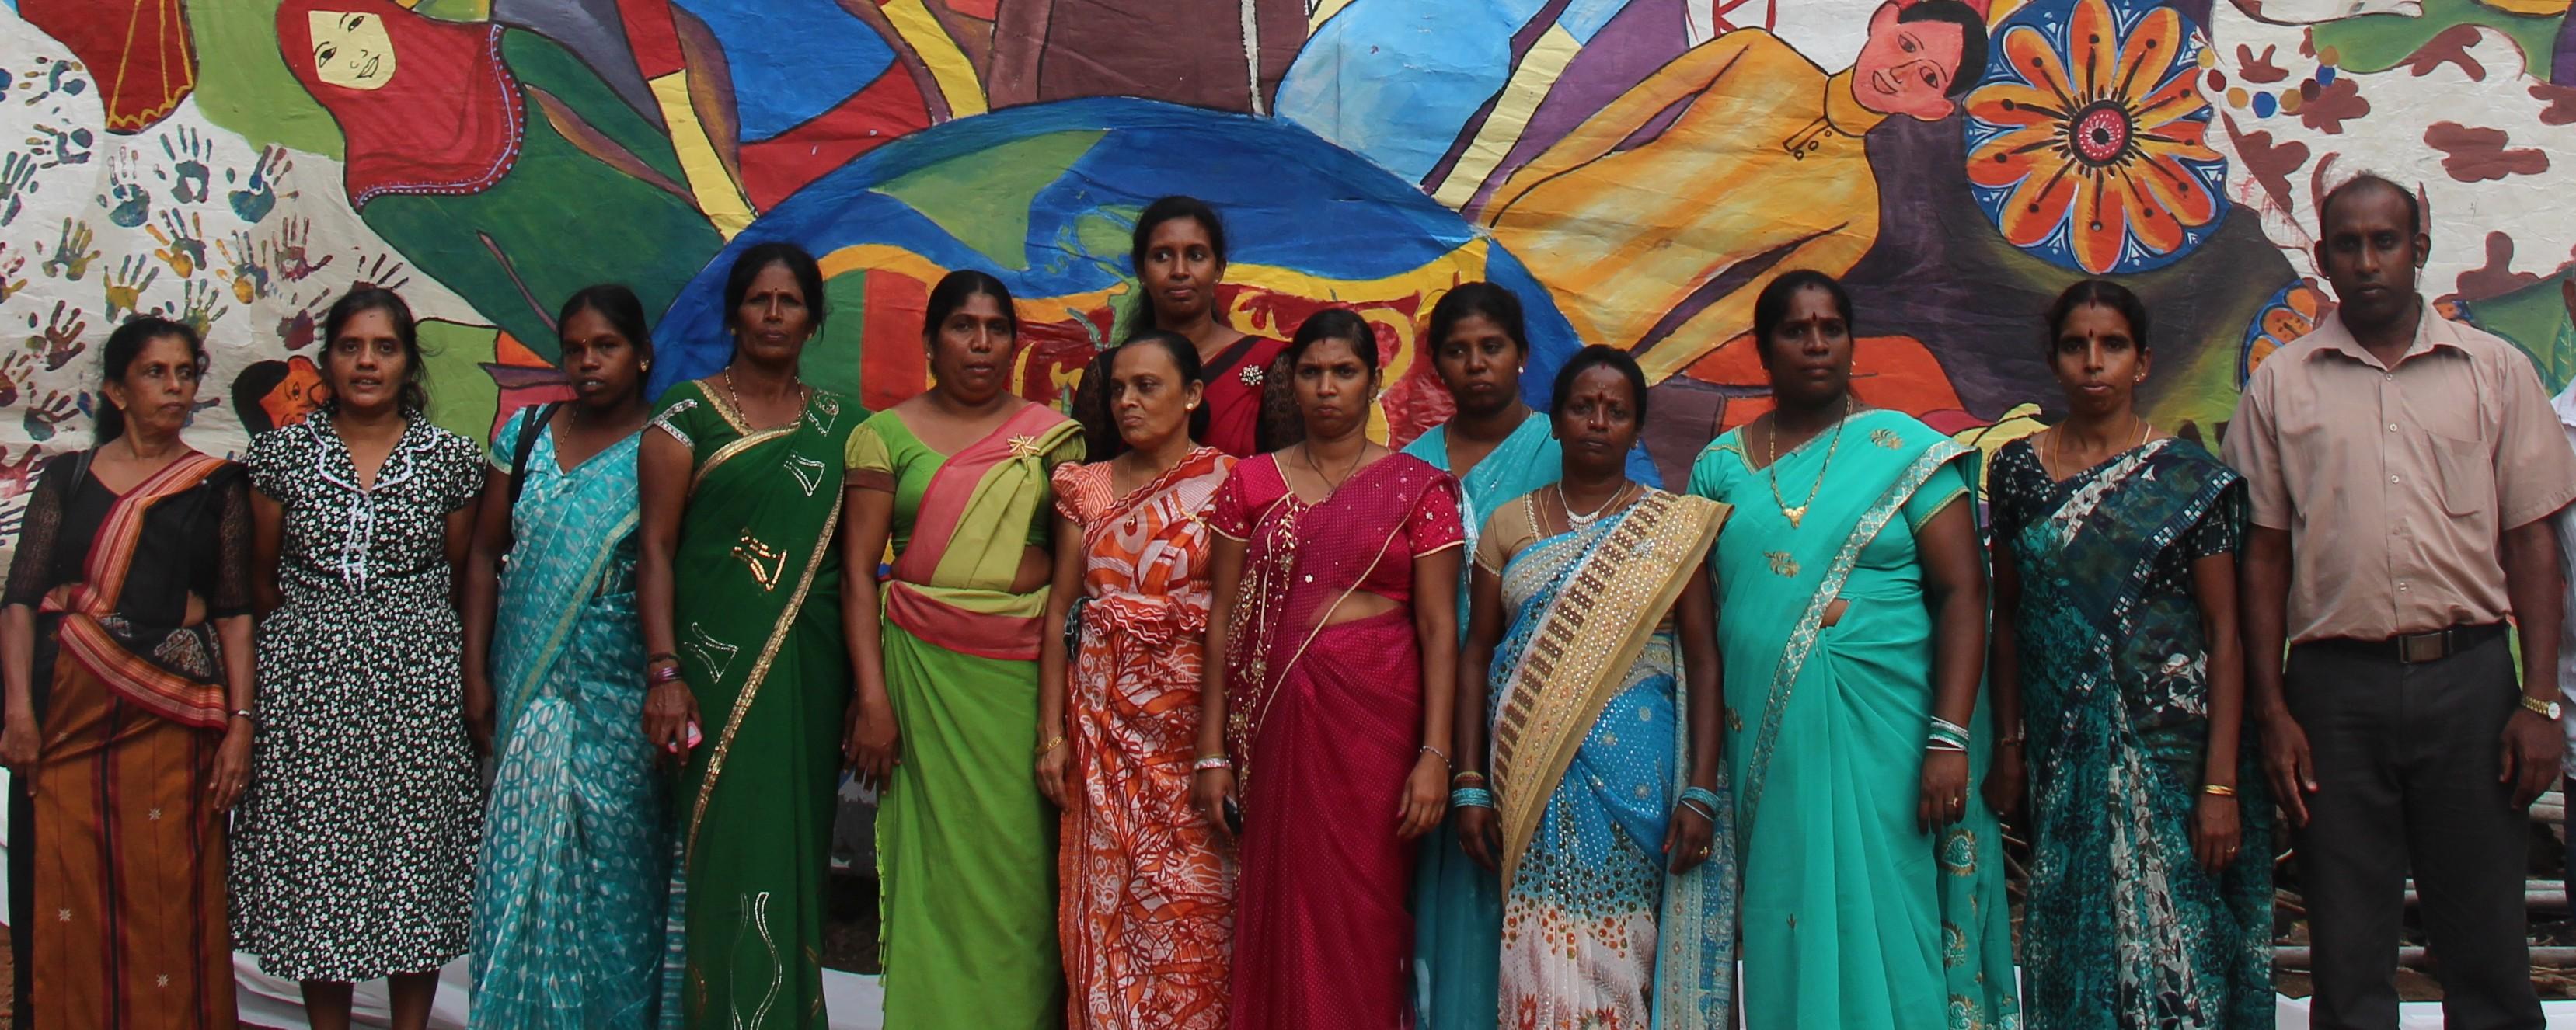 Sarvodaya women's group